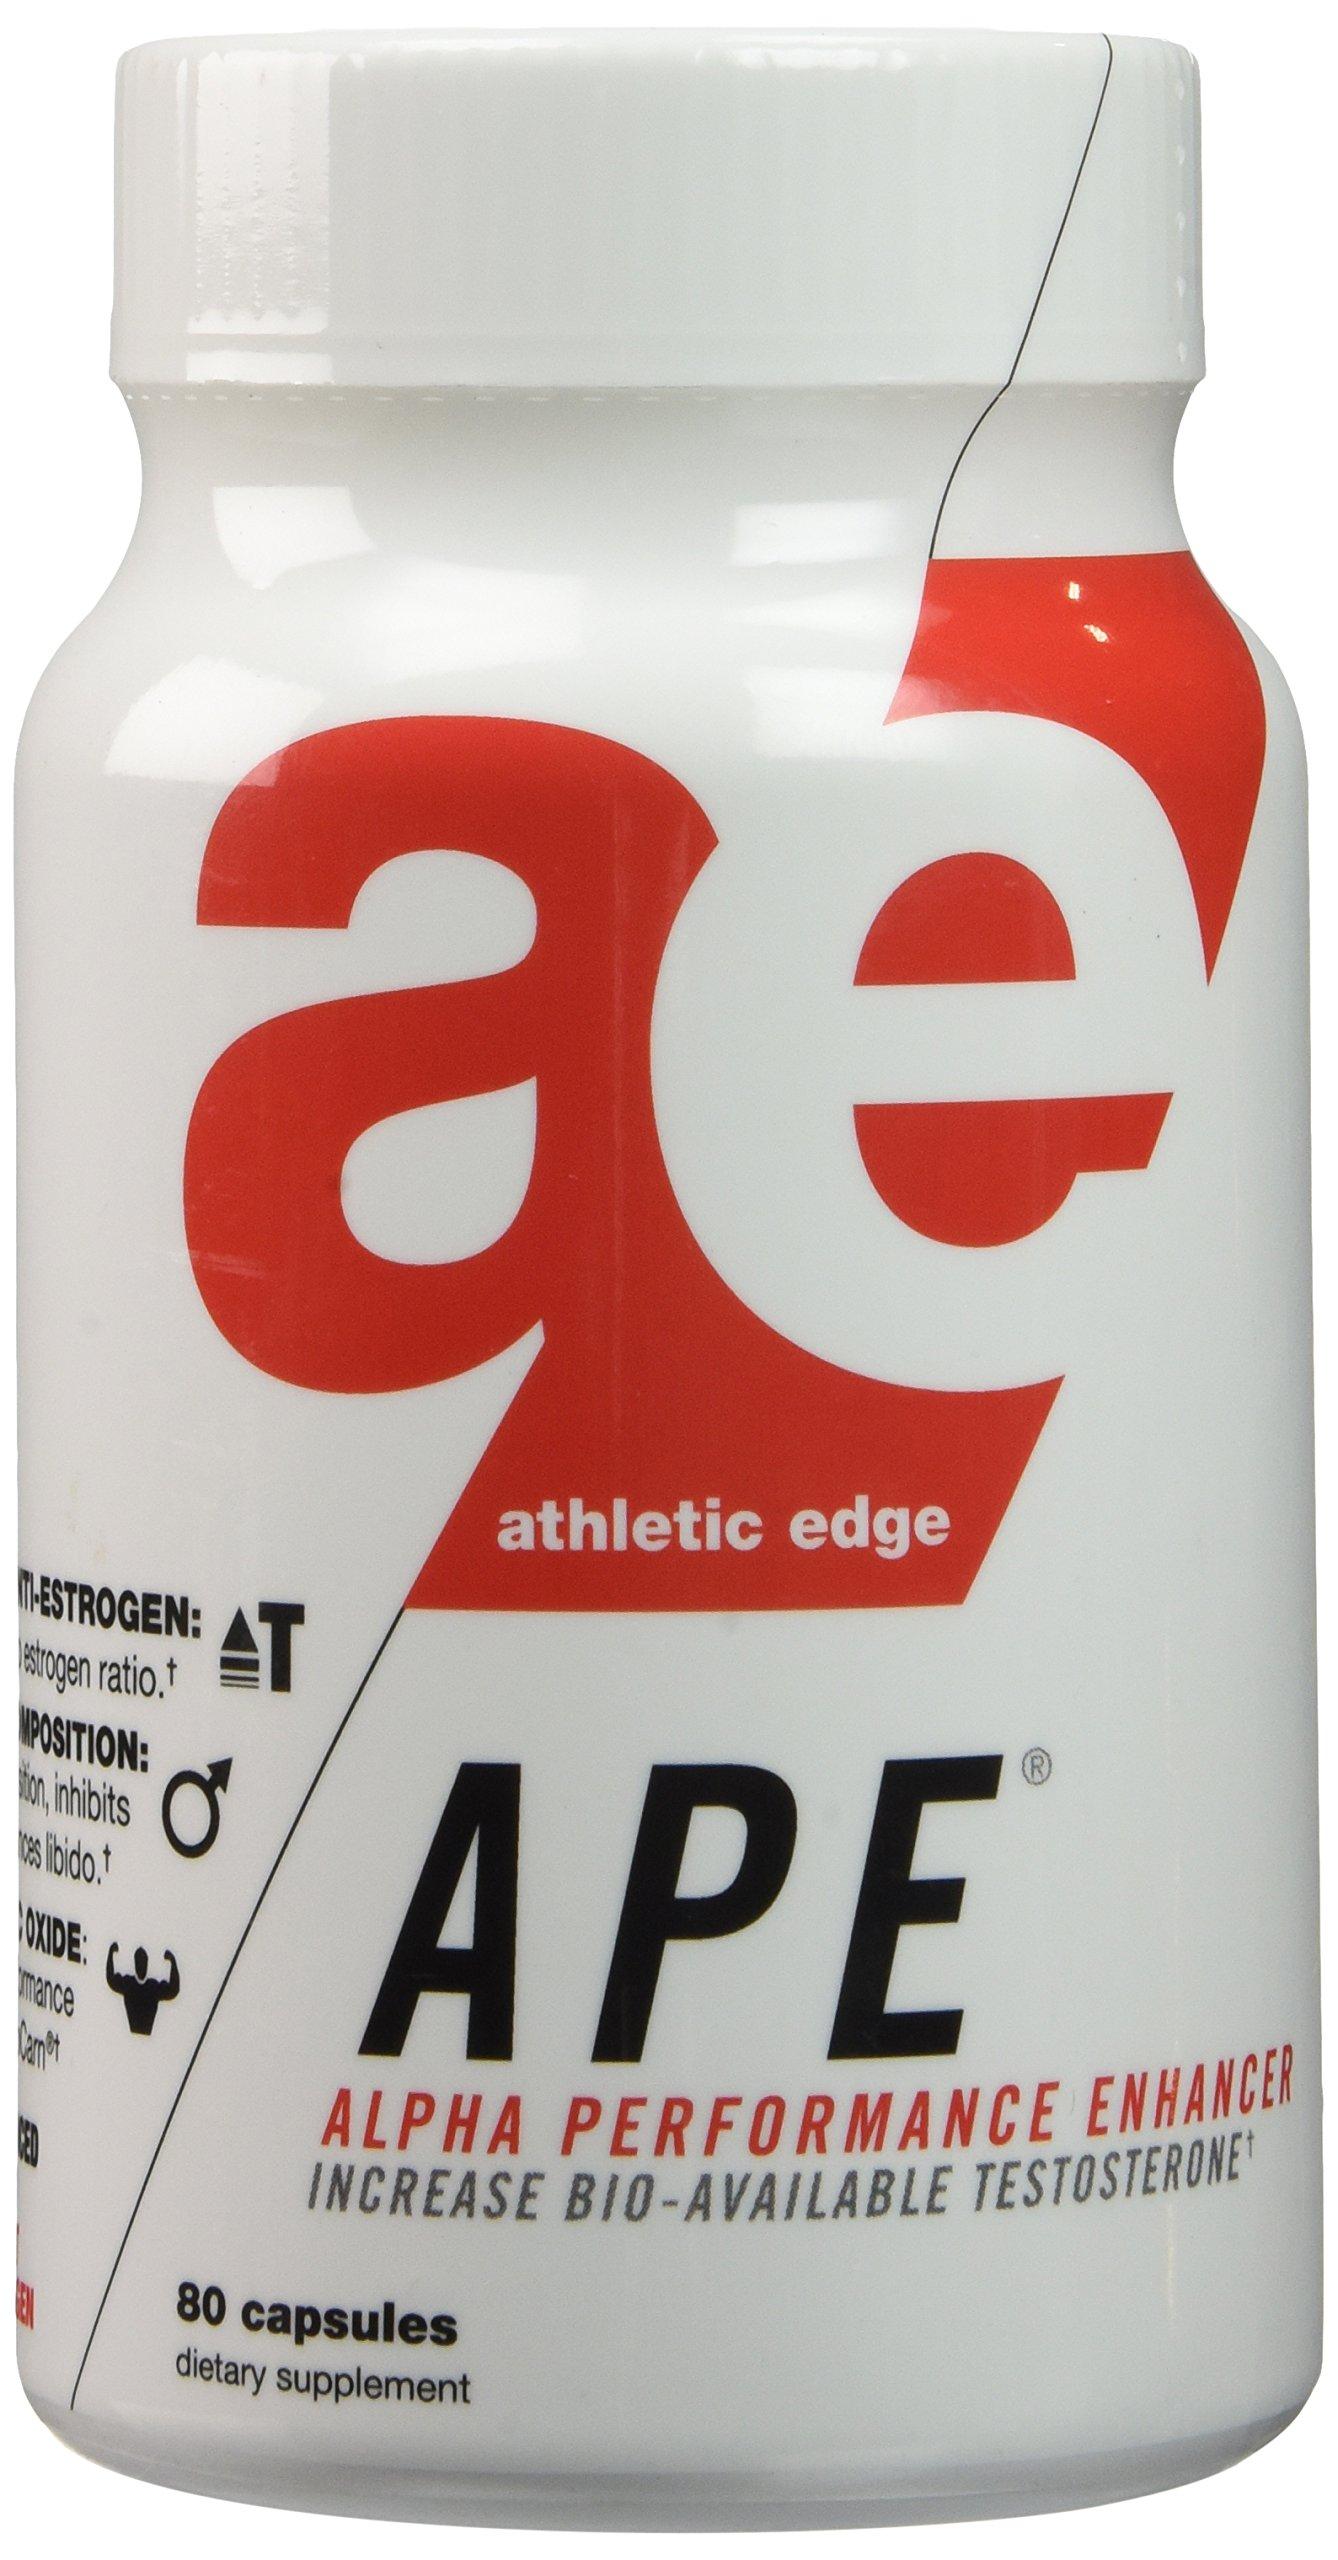 Athletic Edge Nutrition APE Capsules, 80 Count